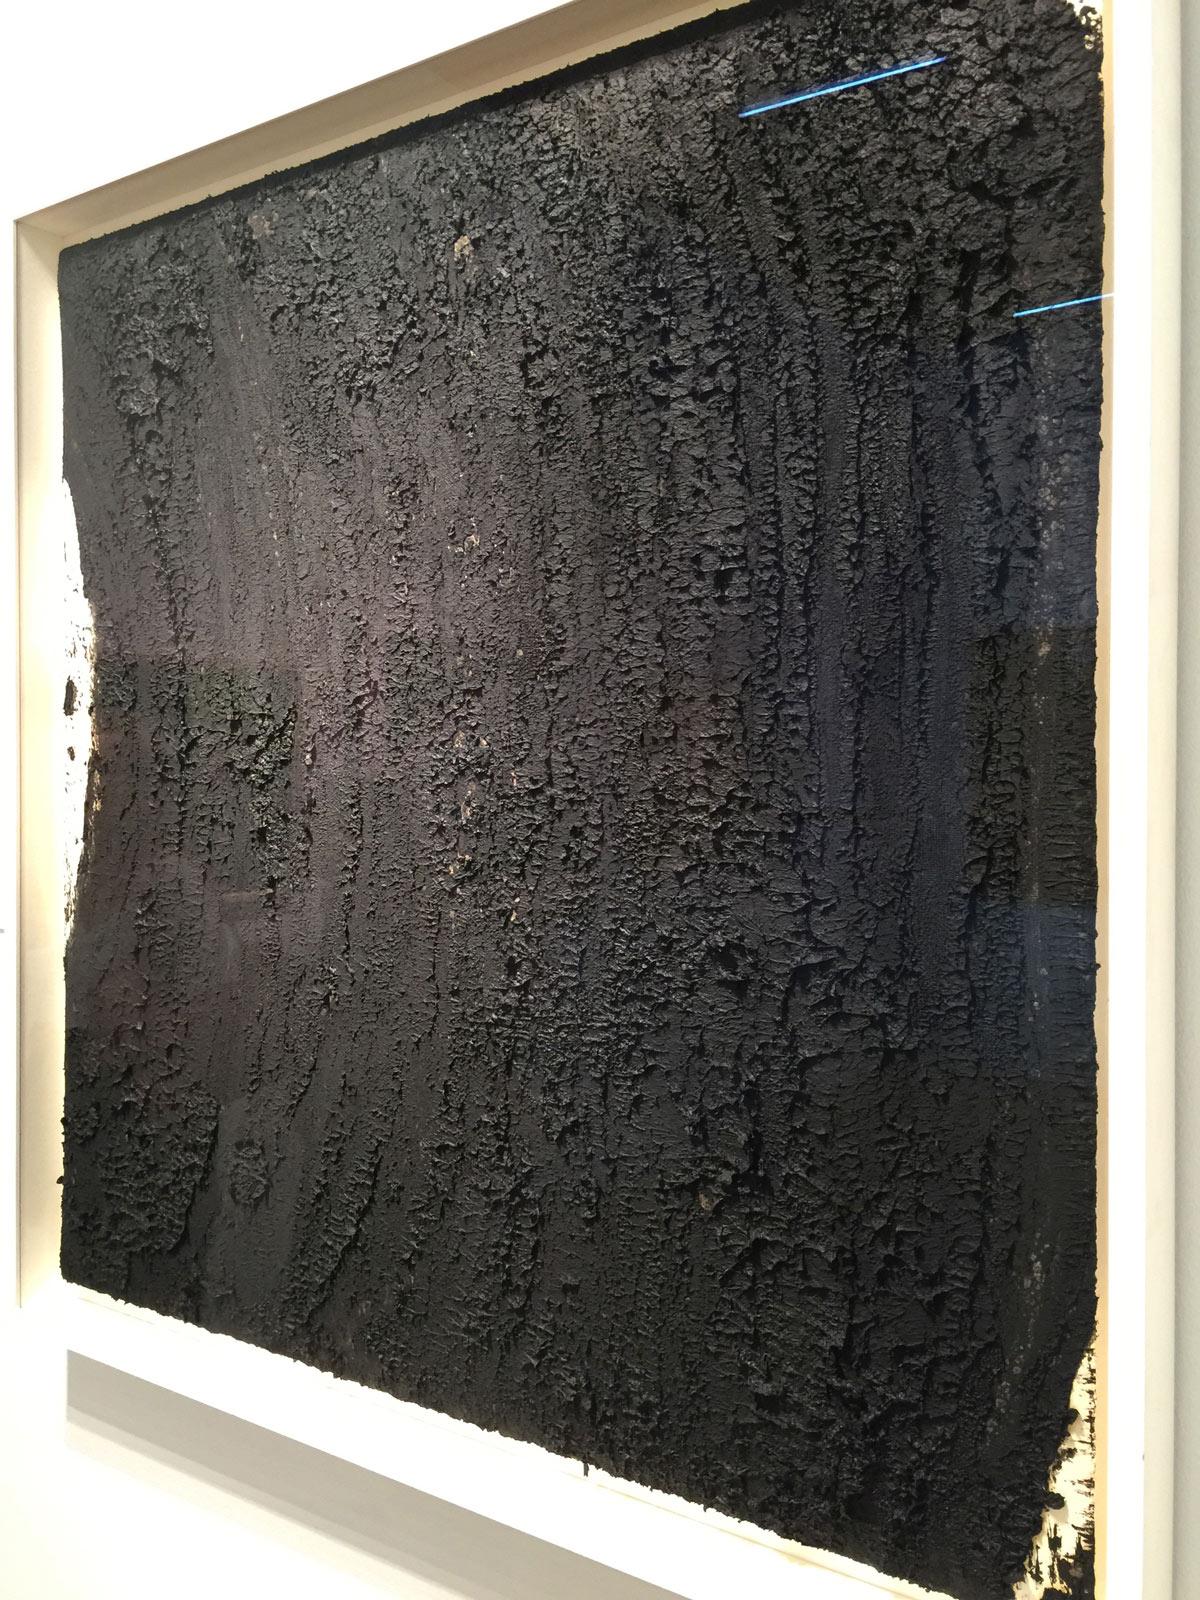 Richard-Serra-Stratum-8-paintstick-paper-Art-New-York.jpg